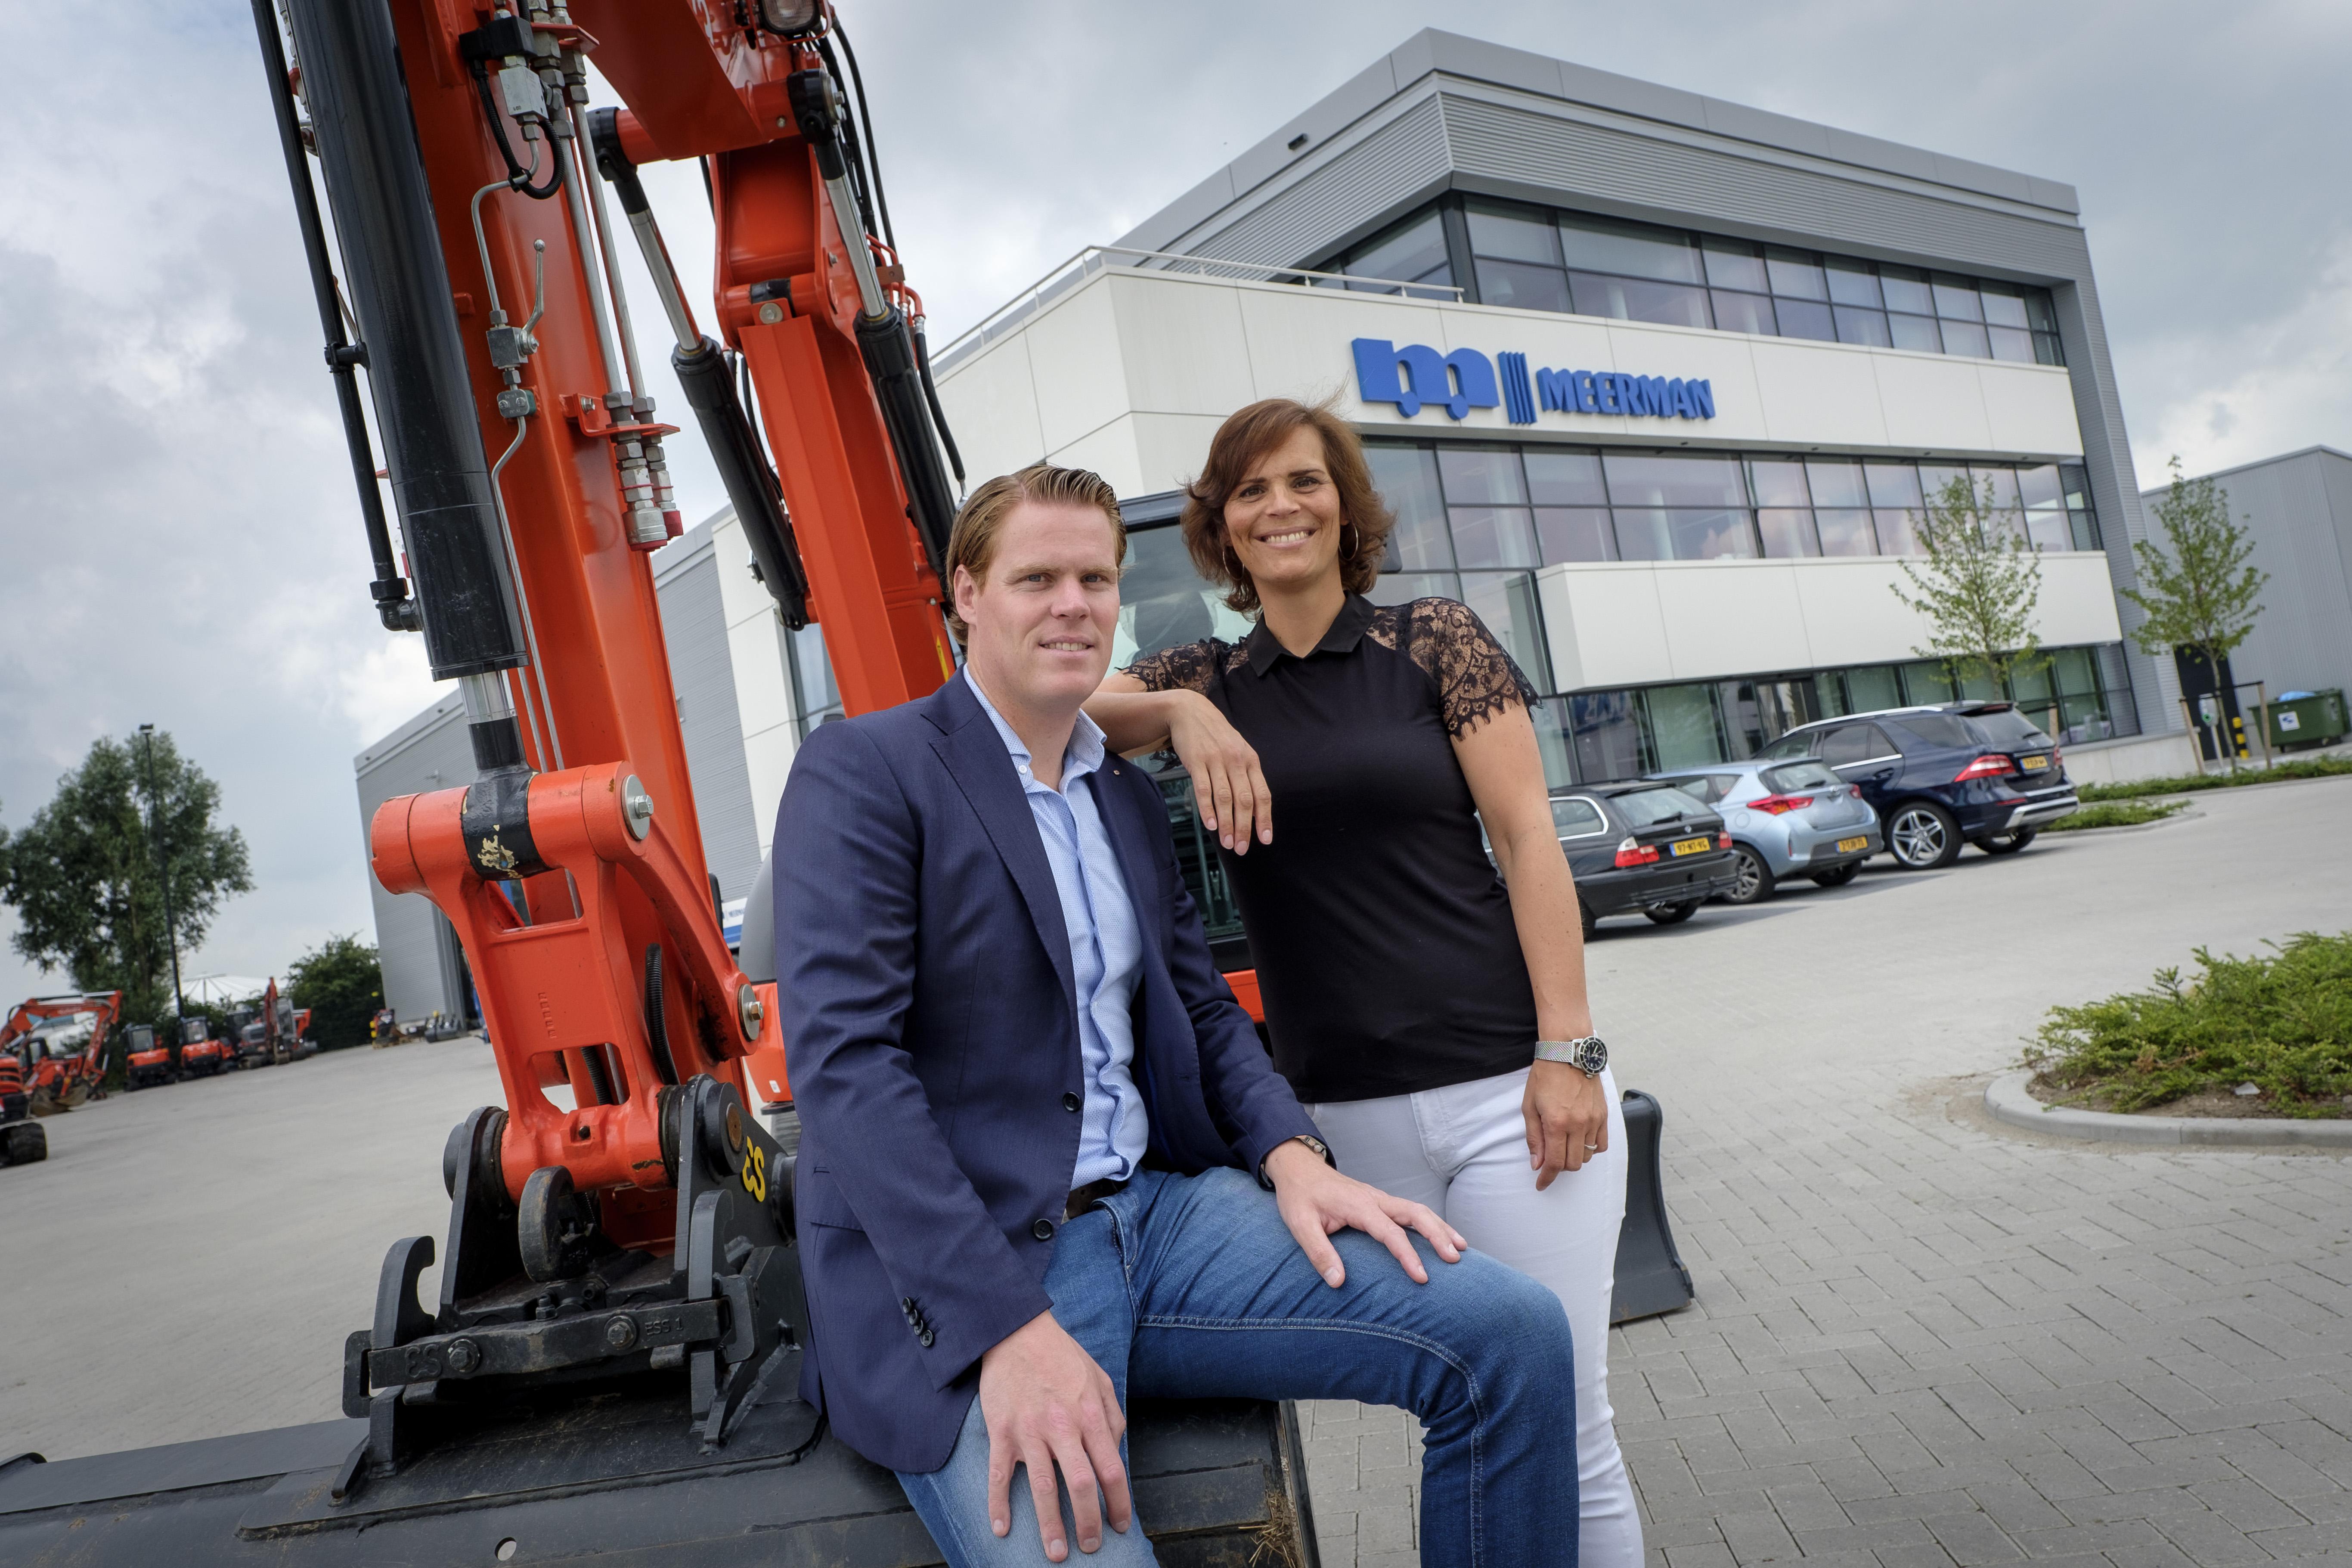 <p>Koen en Ilse Meerman, de nieuwe generatie.'Wij zijn een no-nonsense-bedrijf, en dat zullen we altijd blijven.'</p>